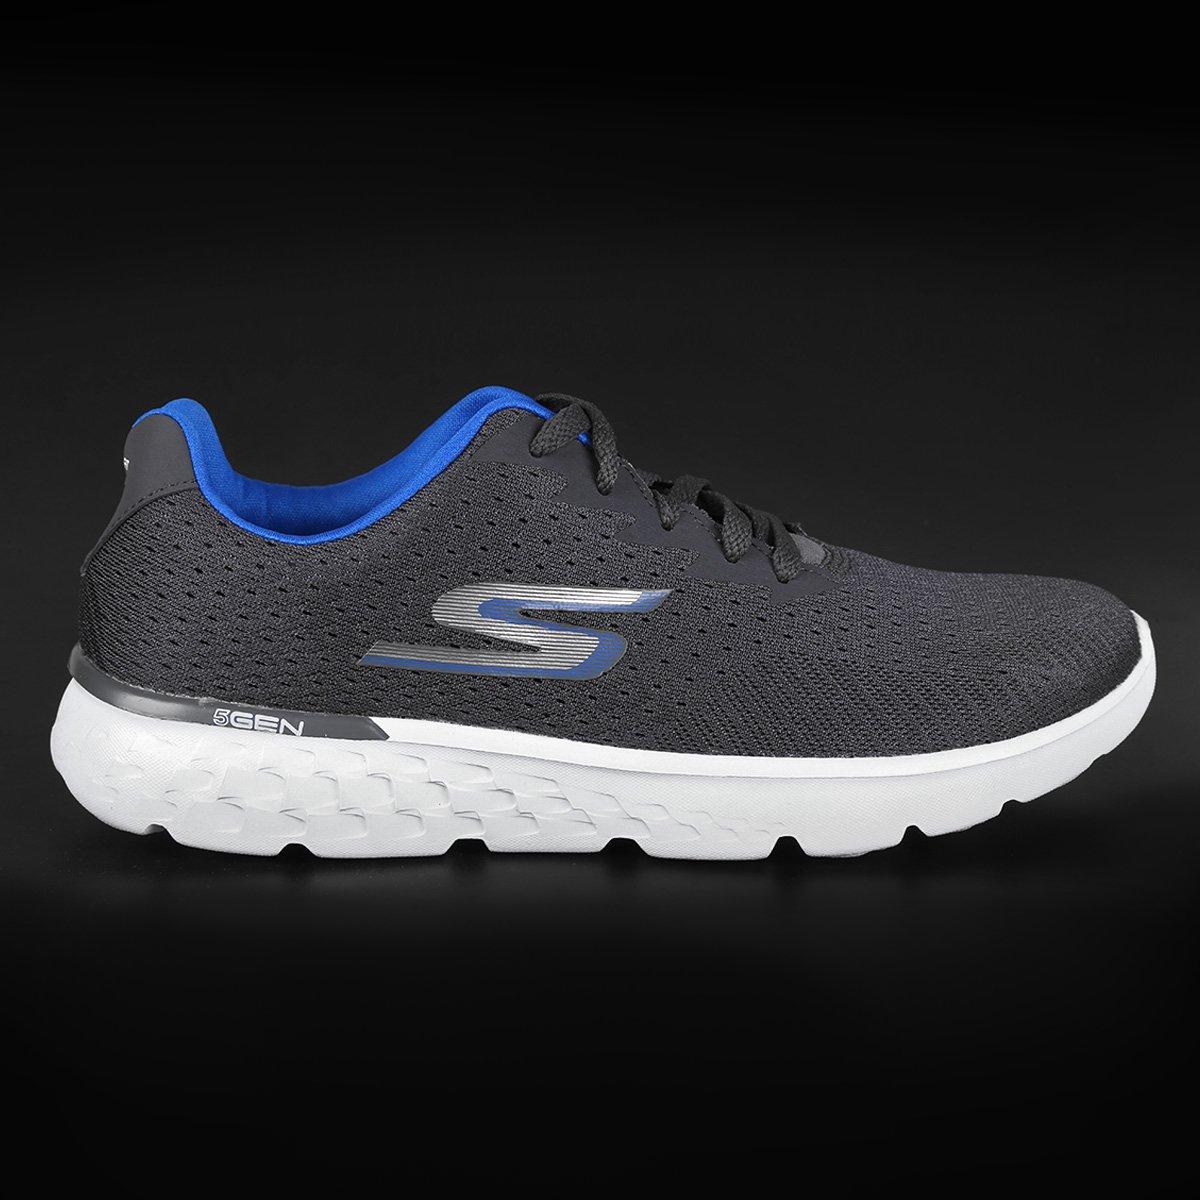 Tênis Skechers Go Run 400 Masculino - Compre Agora  2b123a776012f